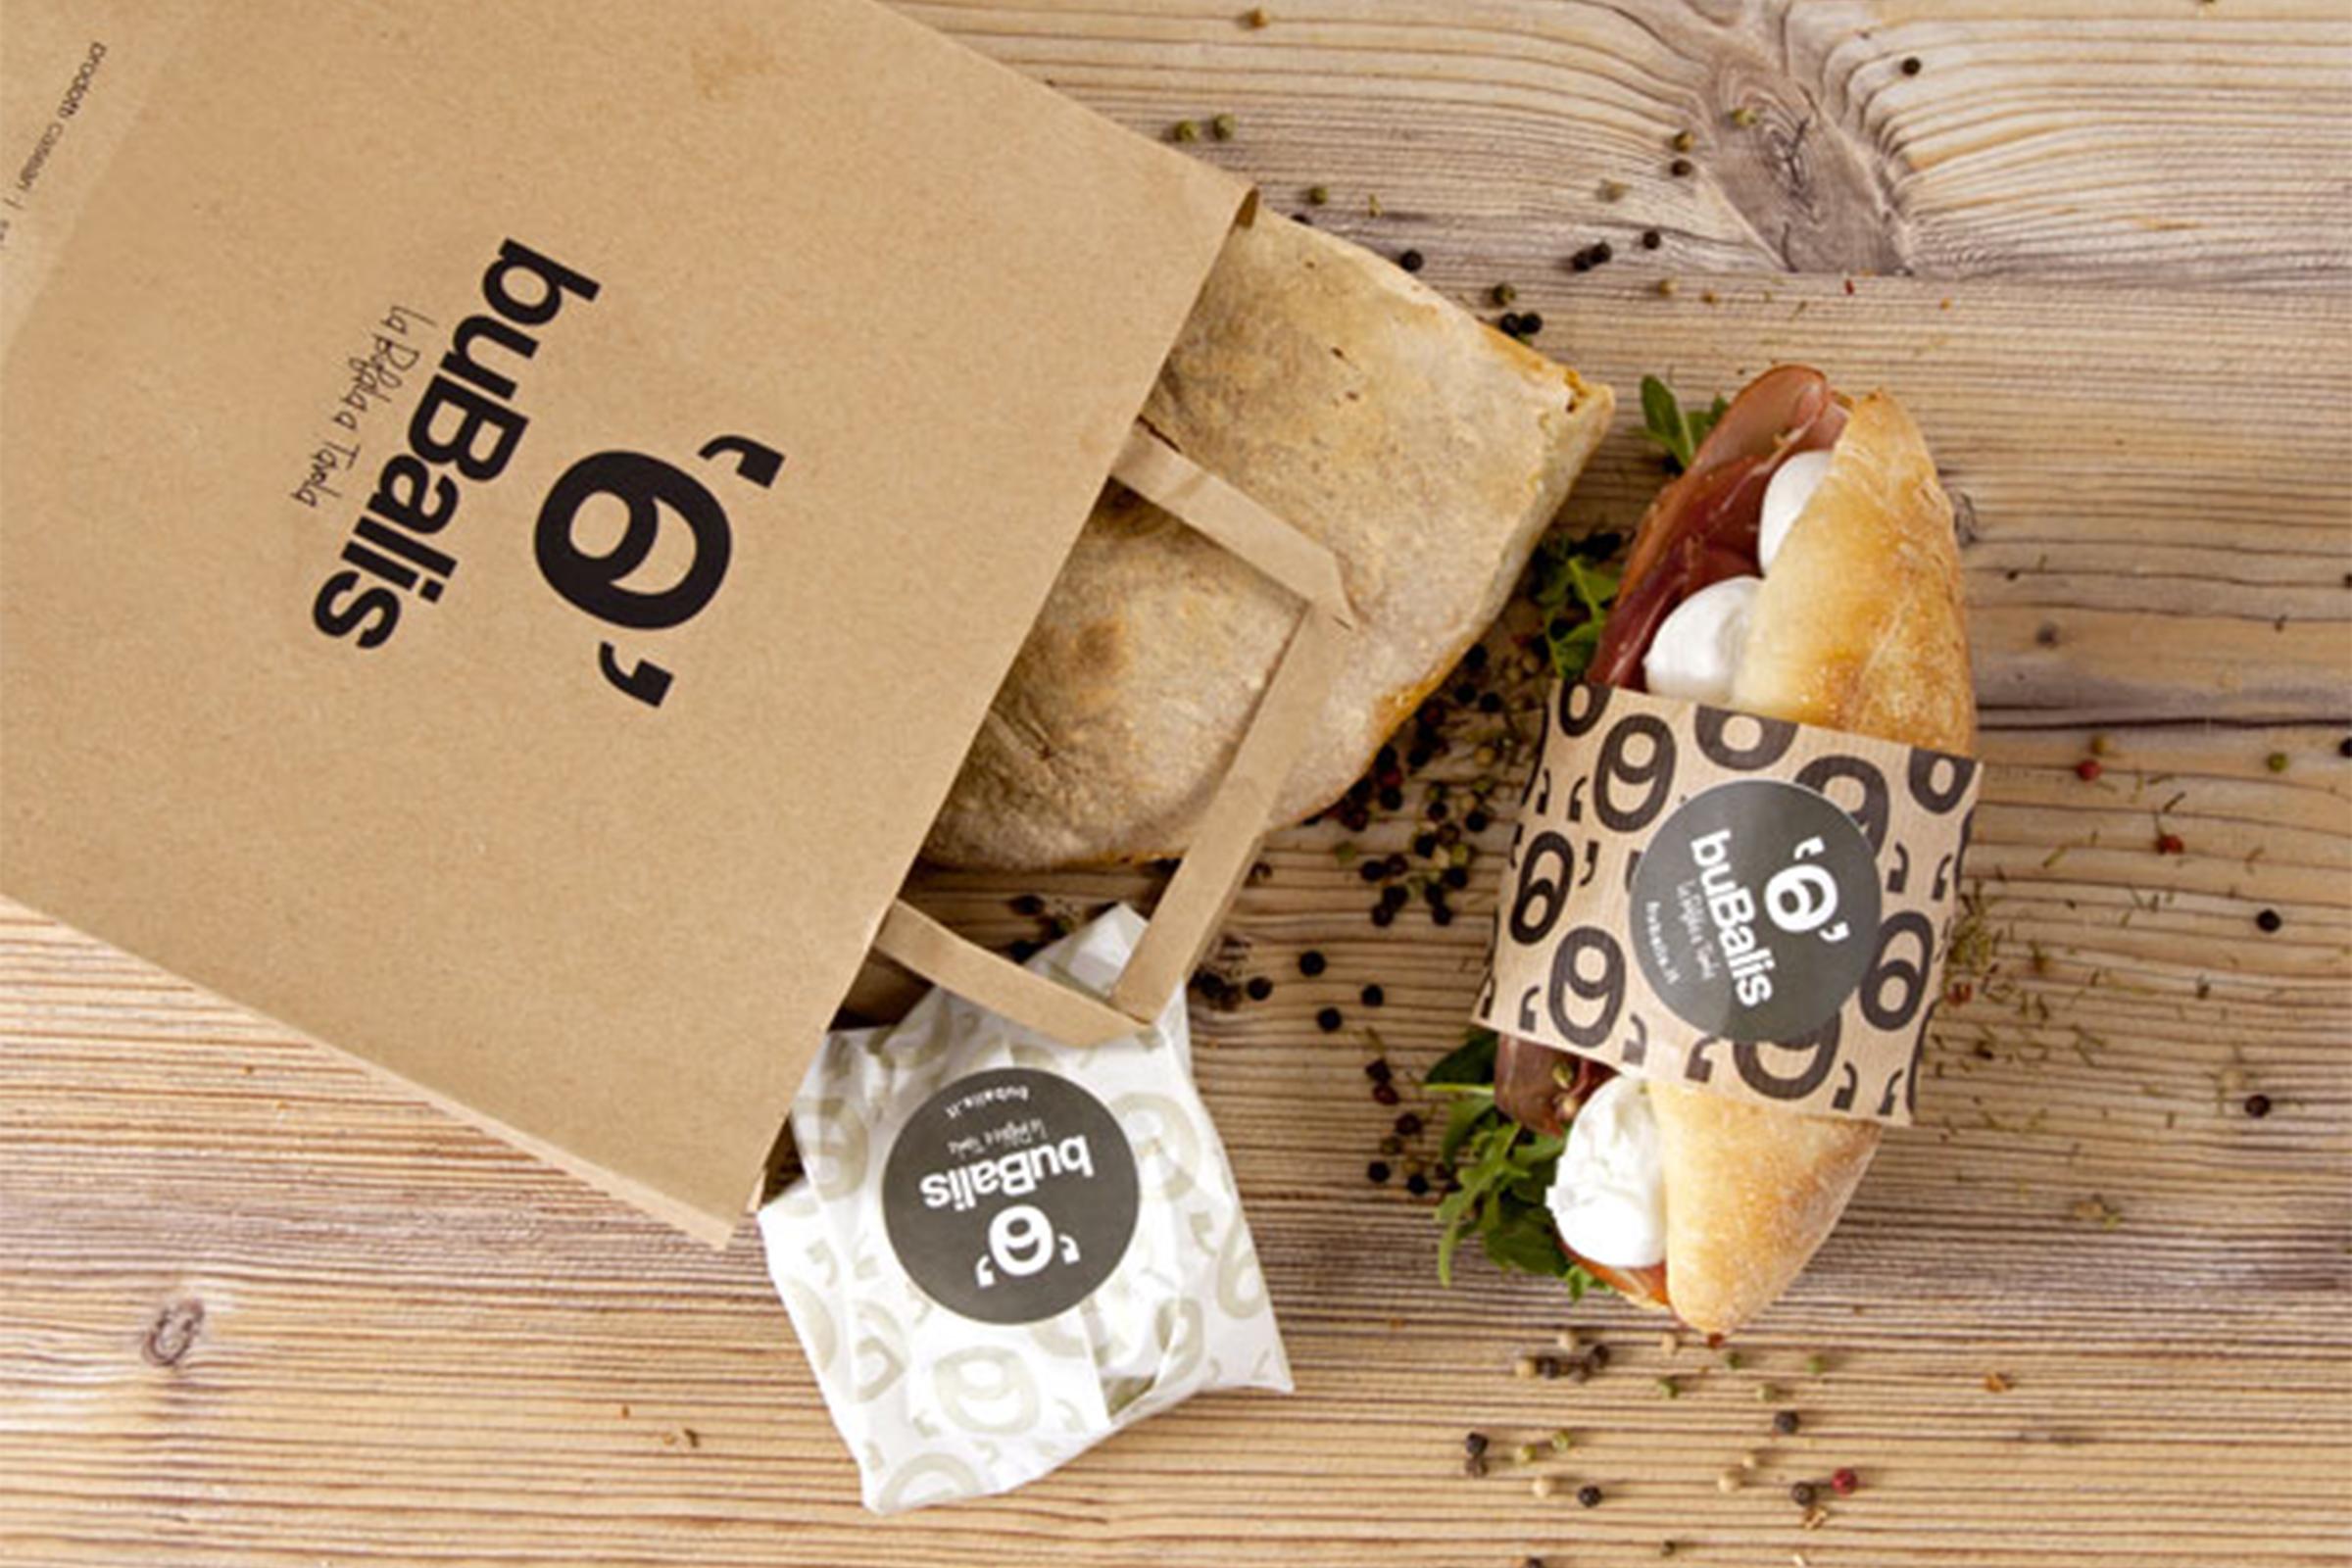 Bubalis Packaging personalizzato - Agenzia pubblicitaria Napoli - Libellula Grafica Lab